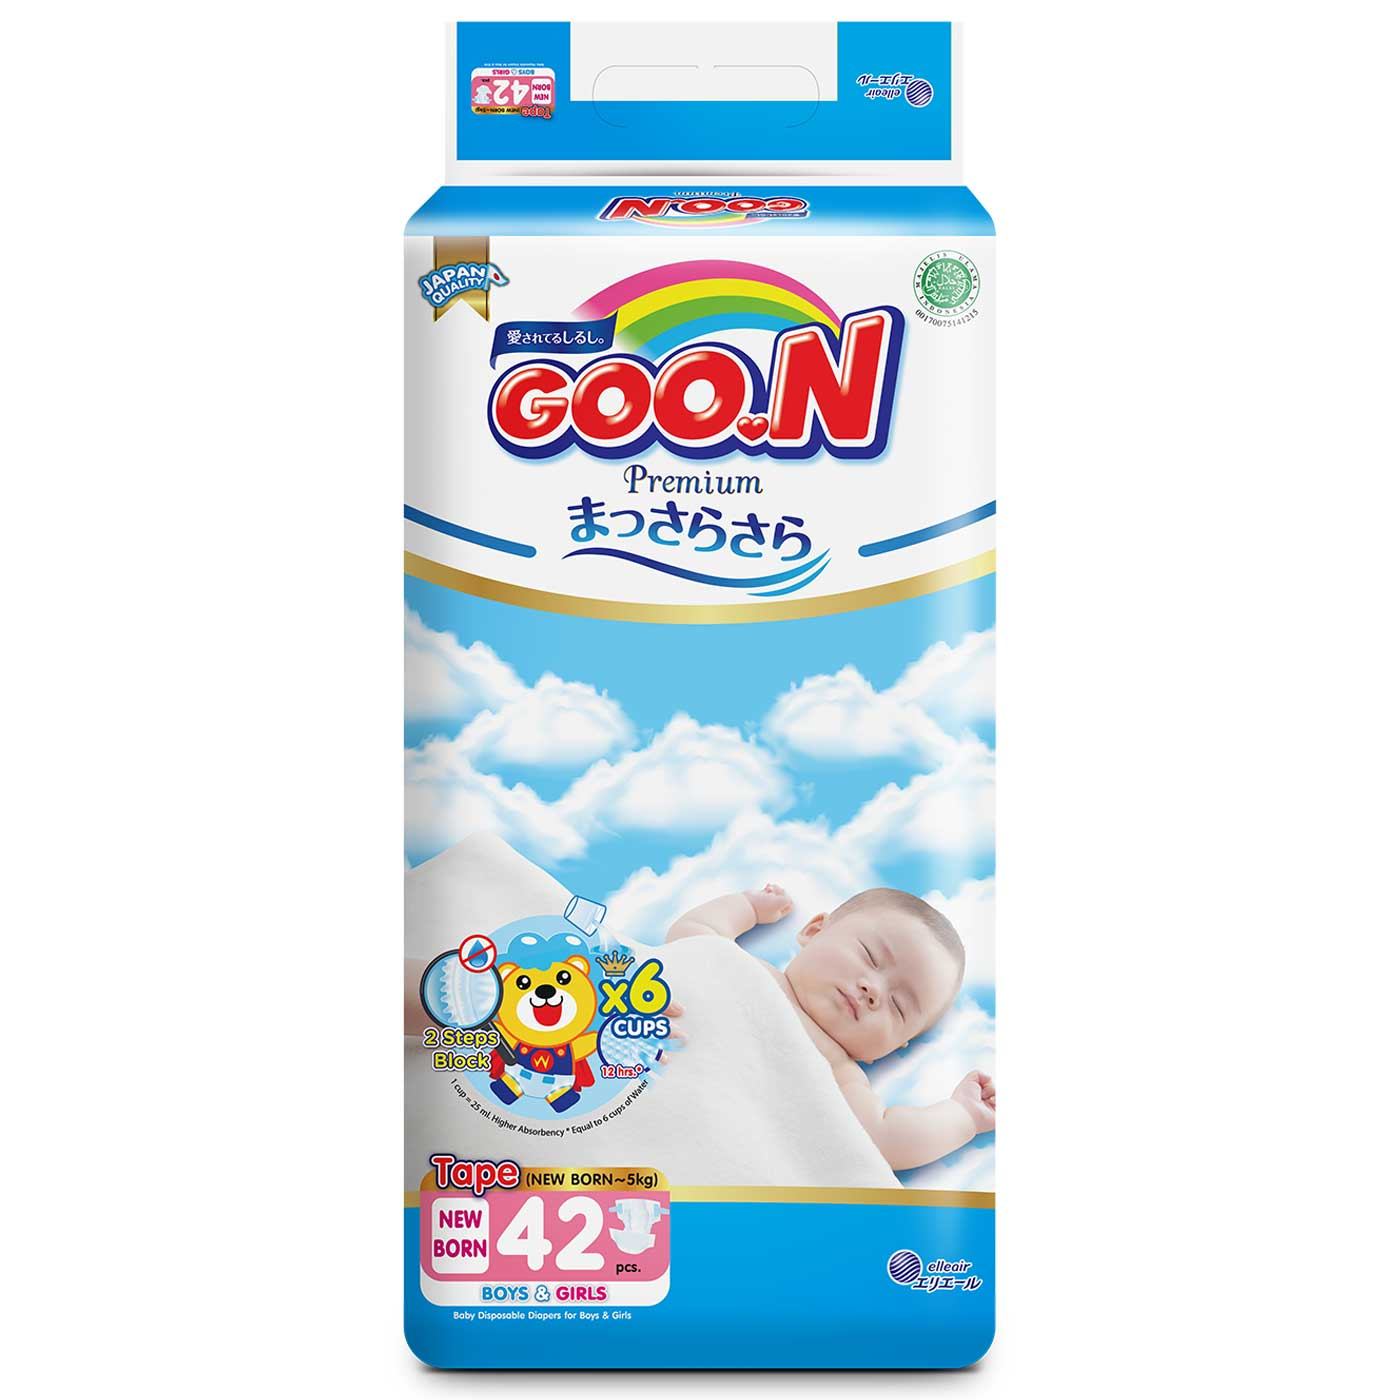 Goon-Premium-Tape-Jumbo-Pack